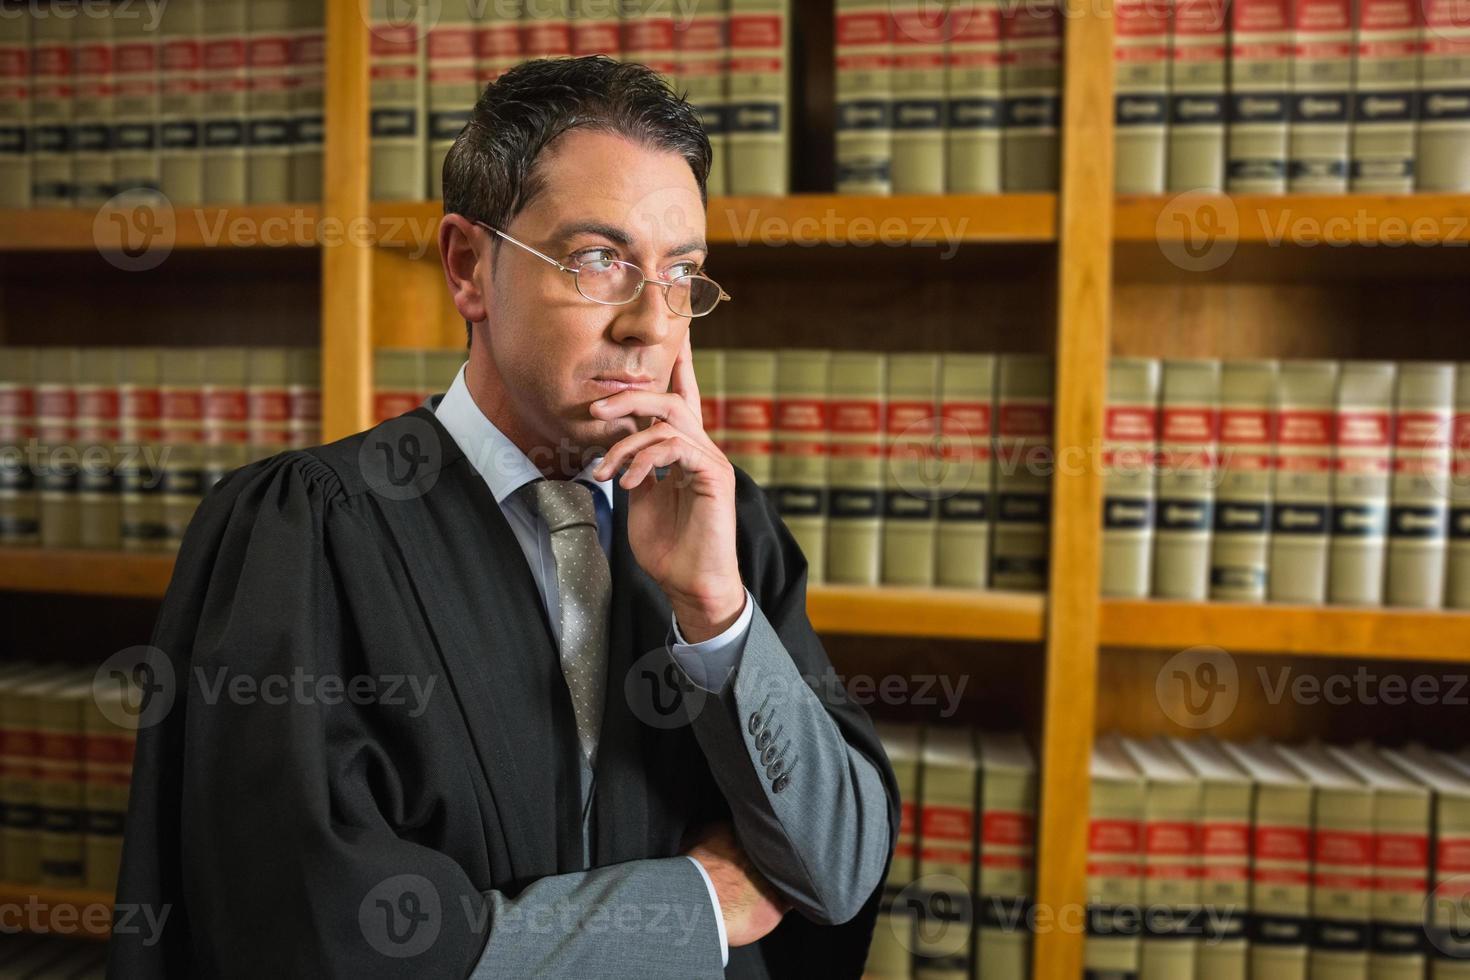 advogado pensando na biblioteca de direito foto